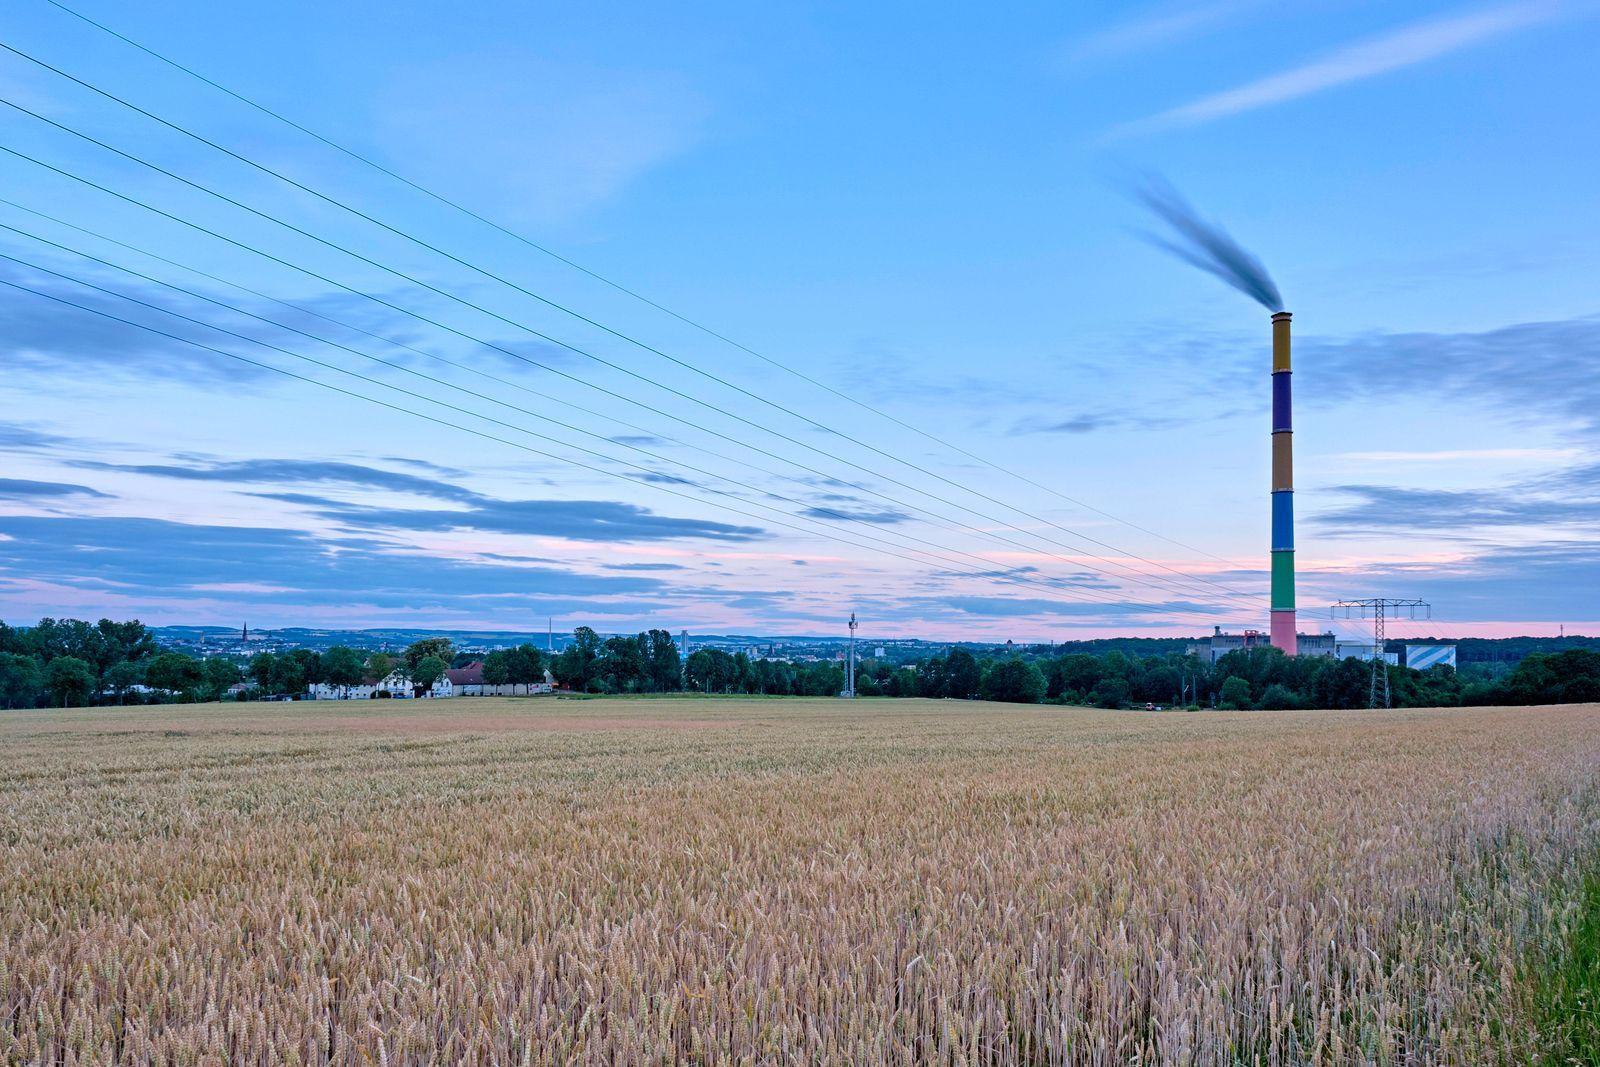 Heizkraftwerk Chemnitz Nord. Das Heizkraftwerk Chemnitz Nord in Chemnitz. Der von Daniel Buren farbig gestaltete Schorns